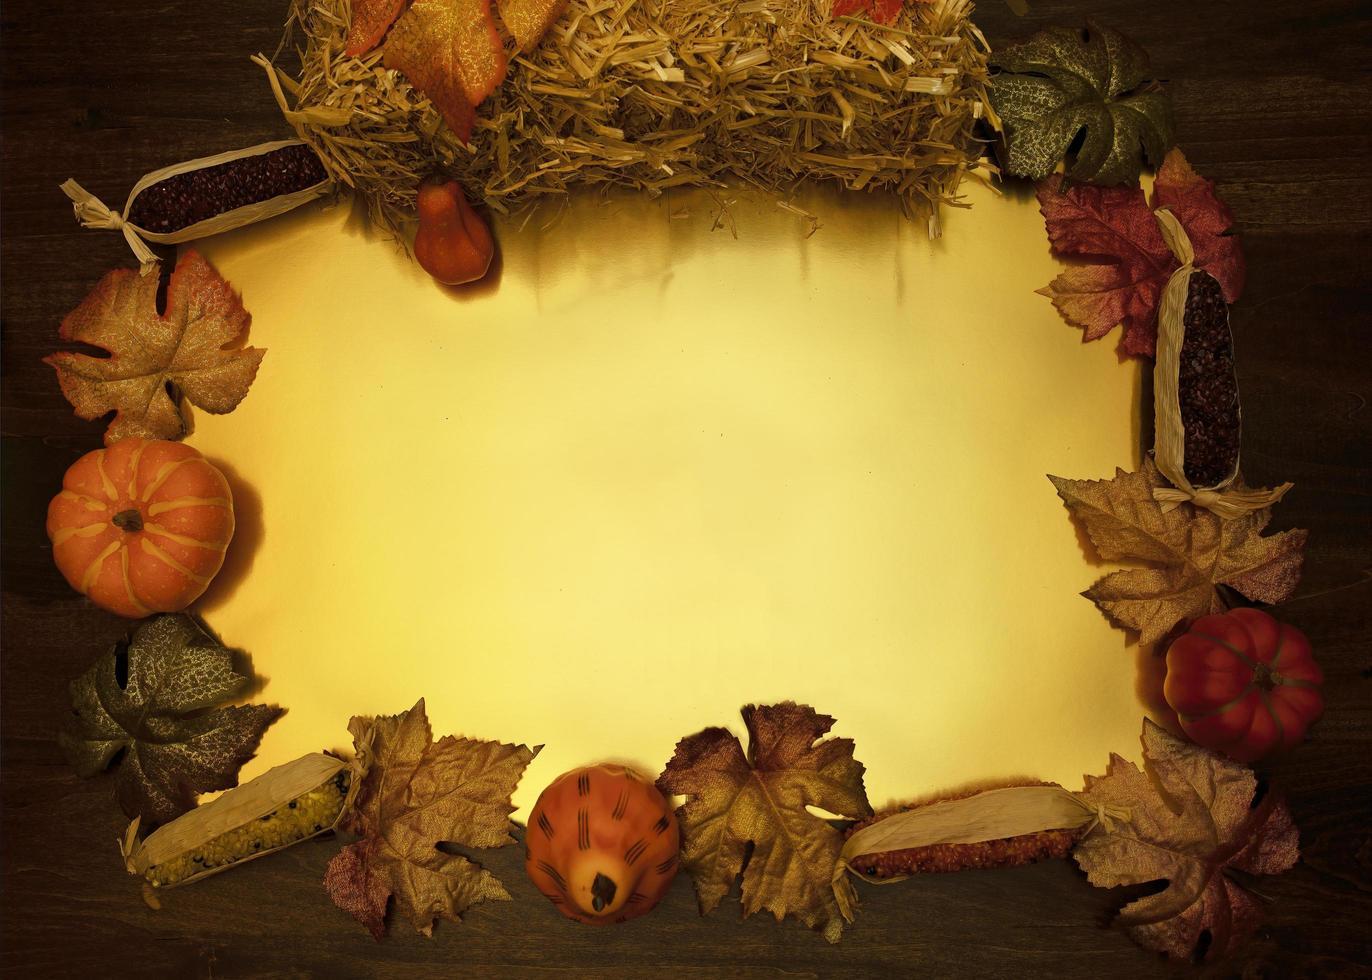 cadre plat la récolte d'automne photo